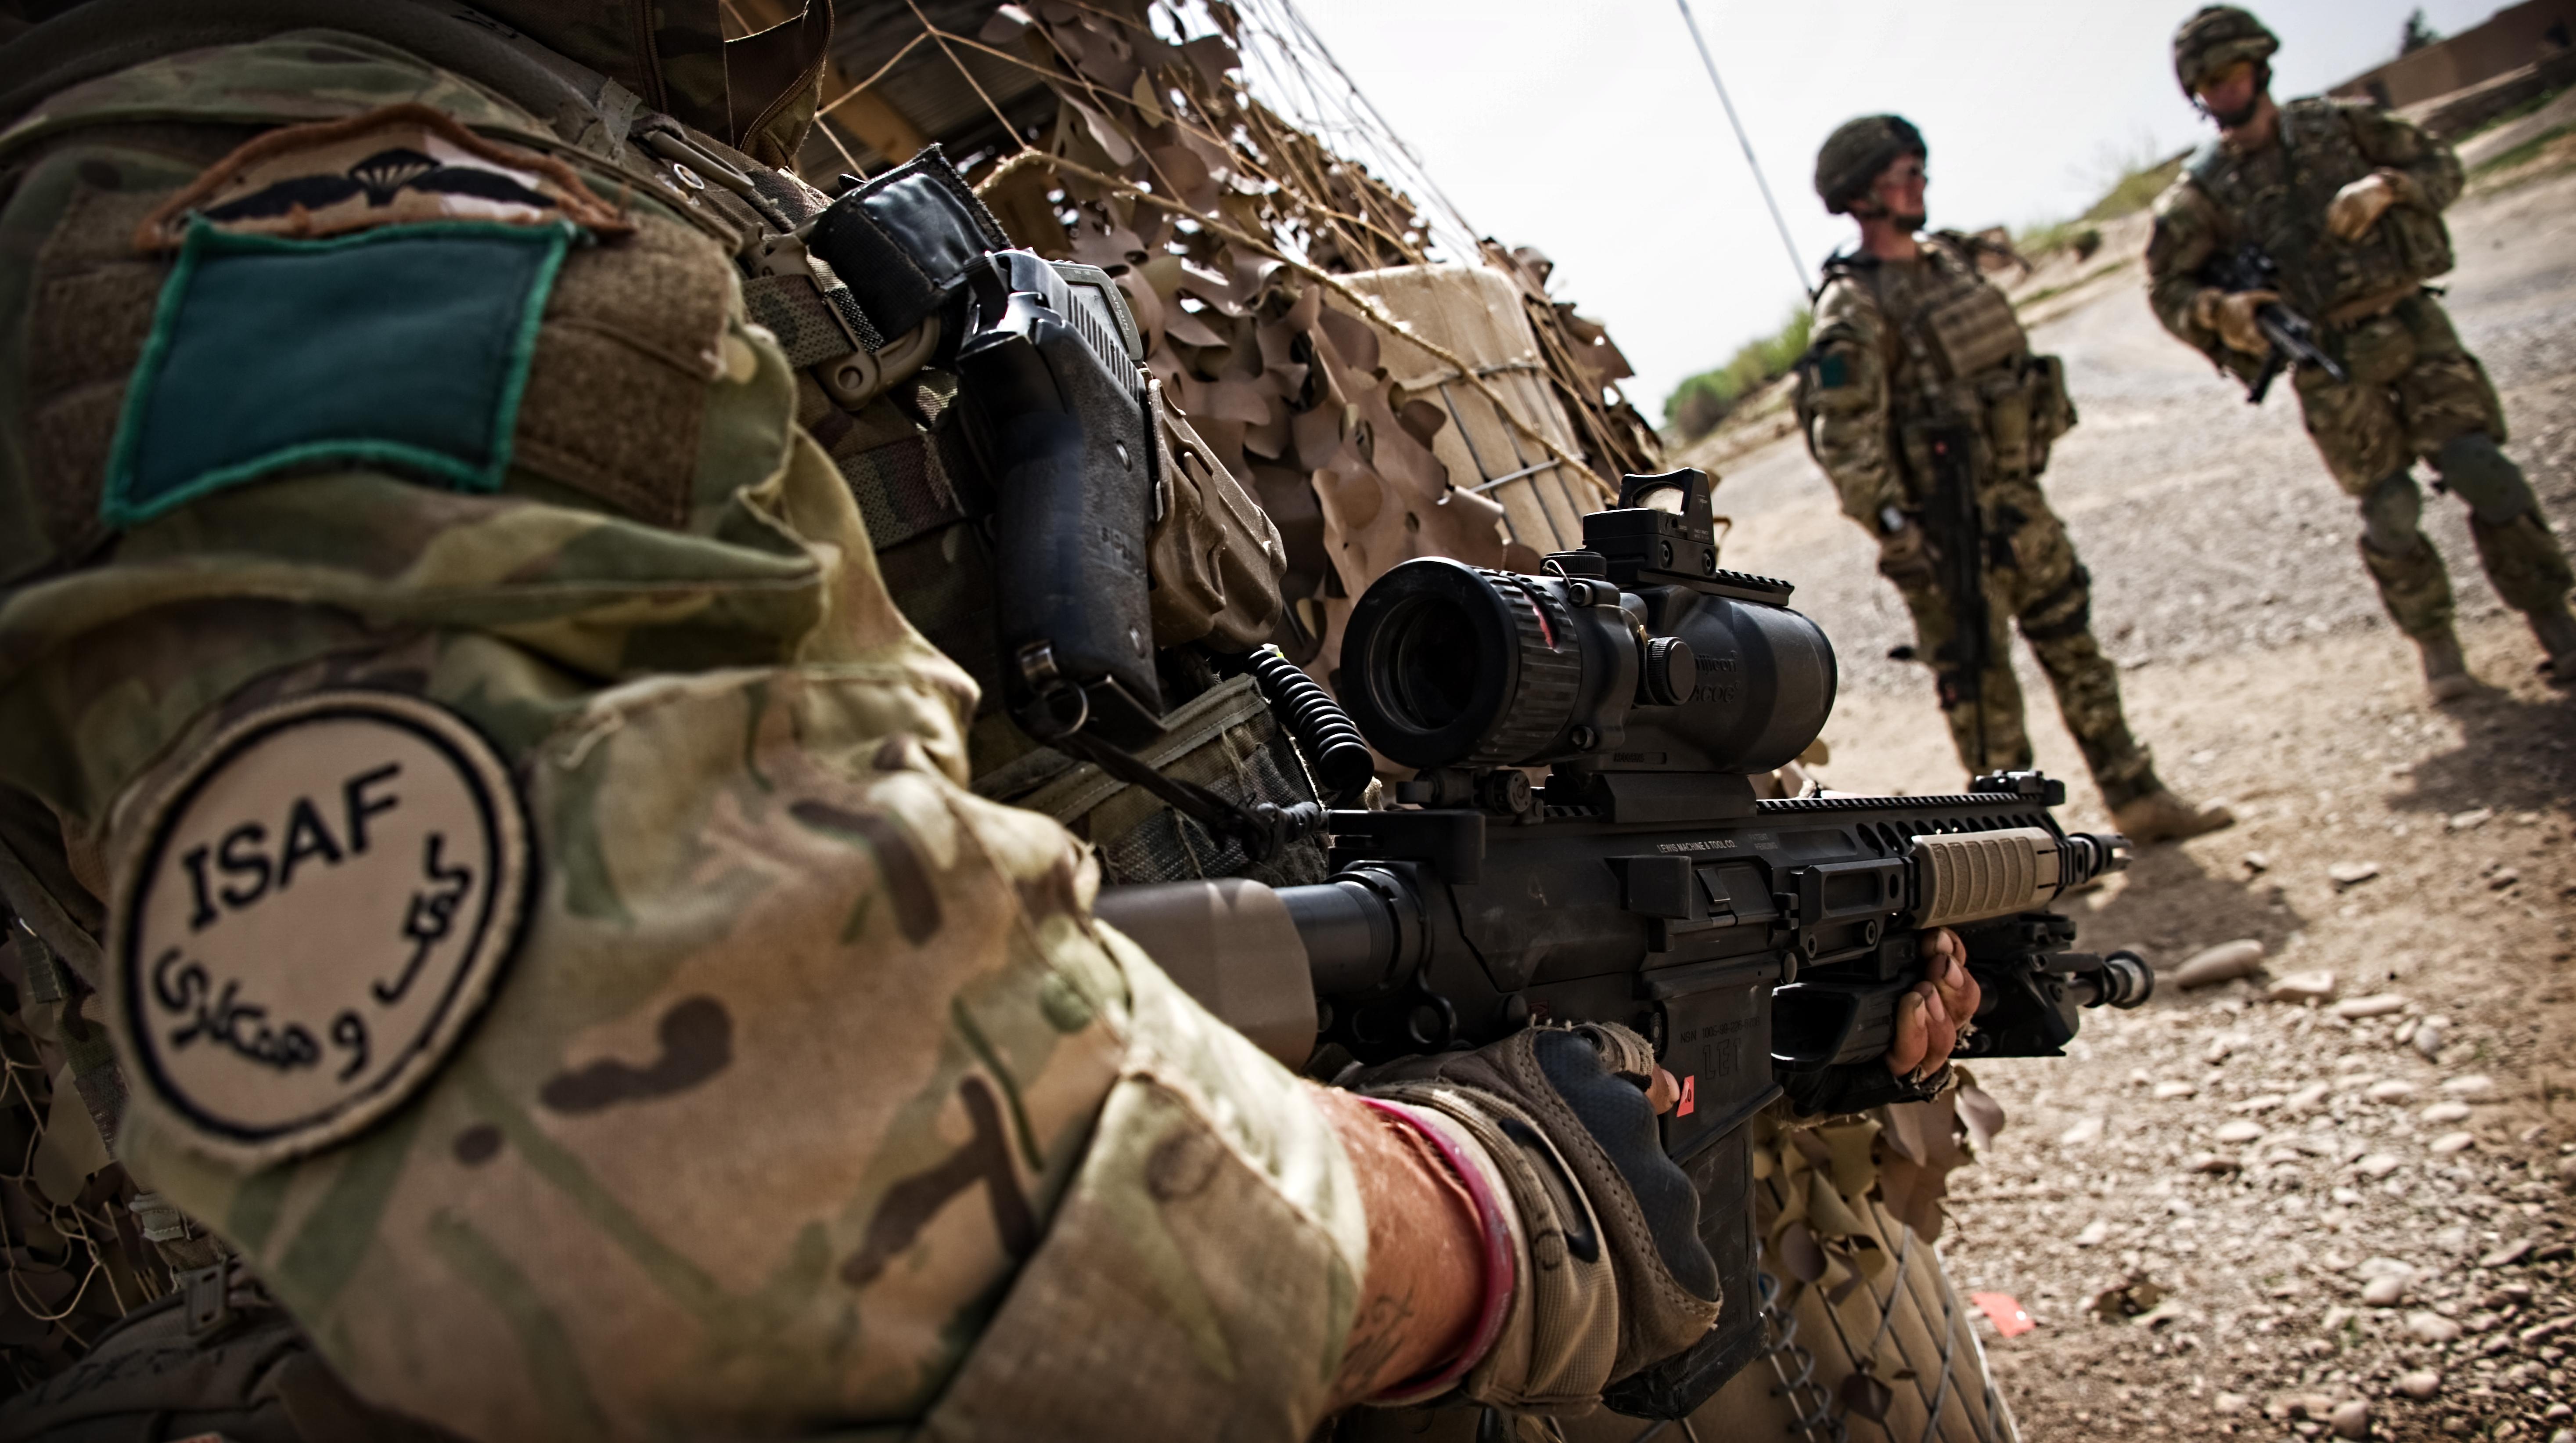 L'attaque des talibans sur Camp Bastion cloue 8 avions au sol